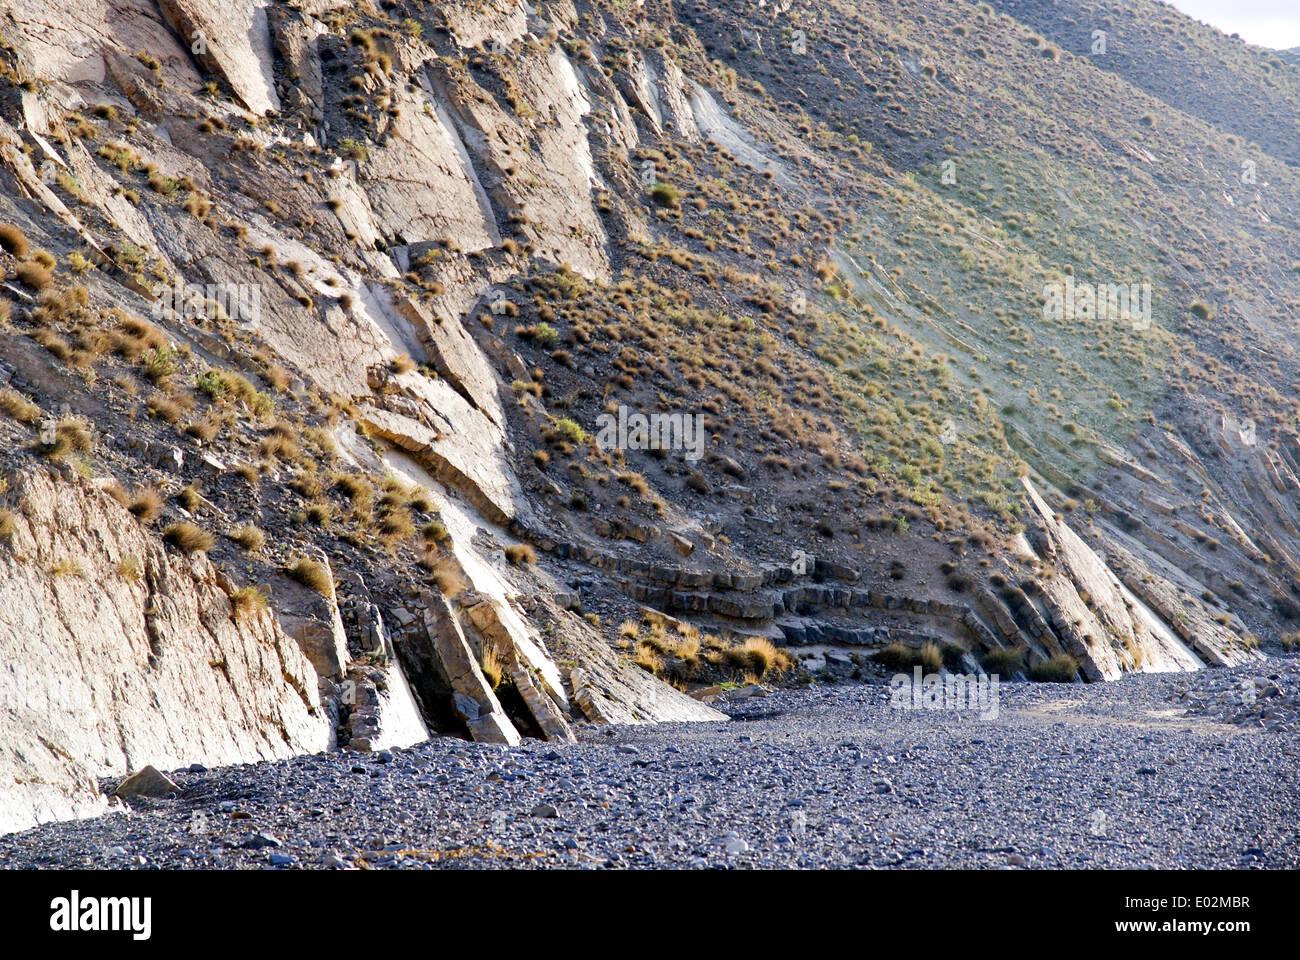 Géologie - faille de décrochement. Photographié au Maroc Photo Stock